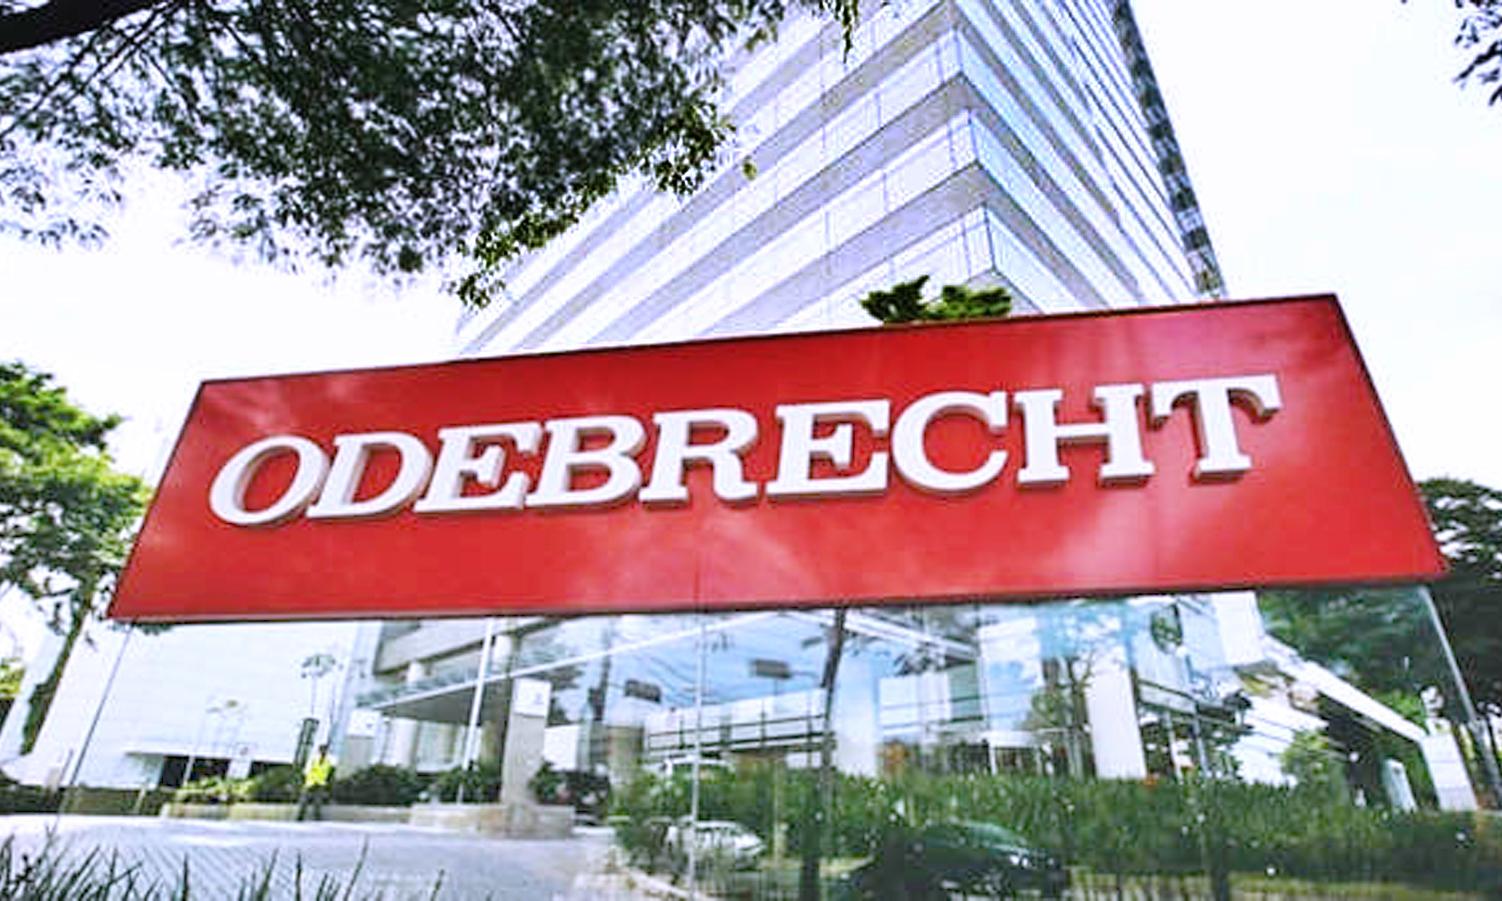 Odebrecht paga a Perú indemnización de 19,5 millones de dólares por sobornos